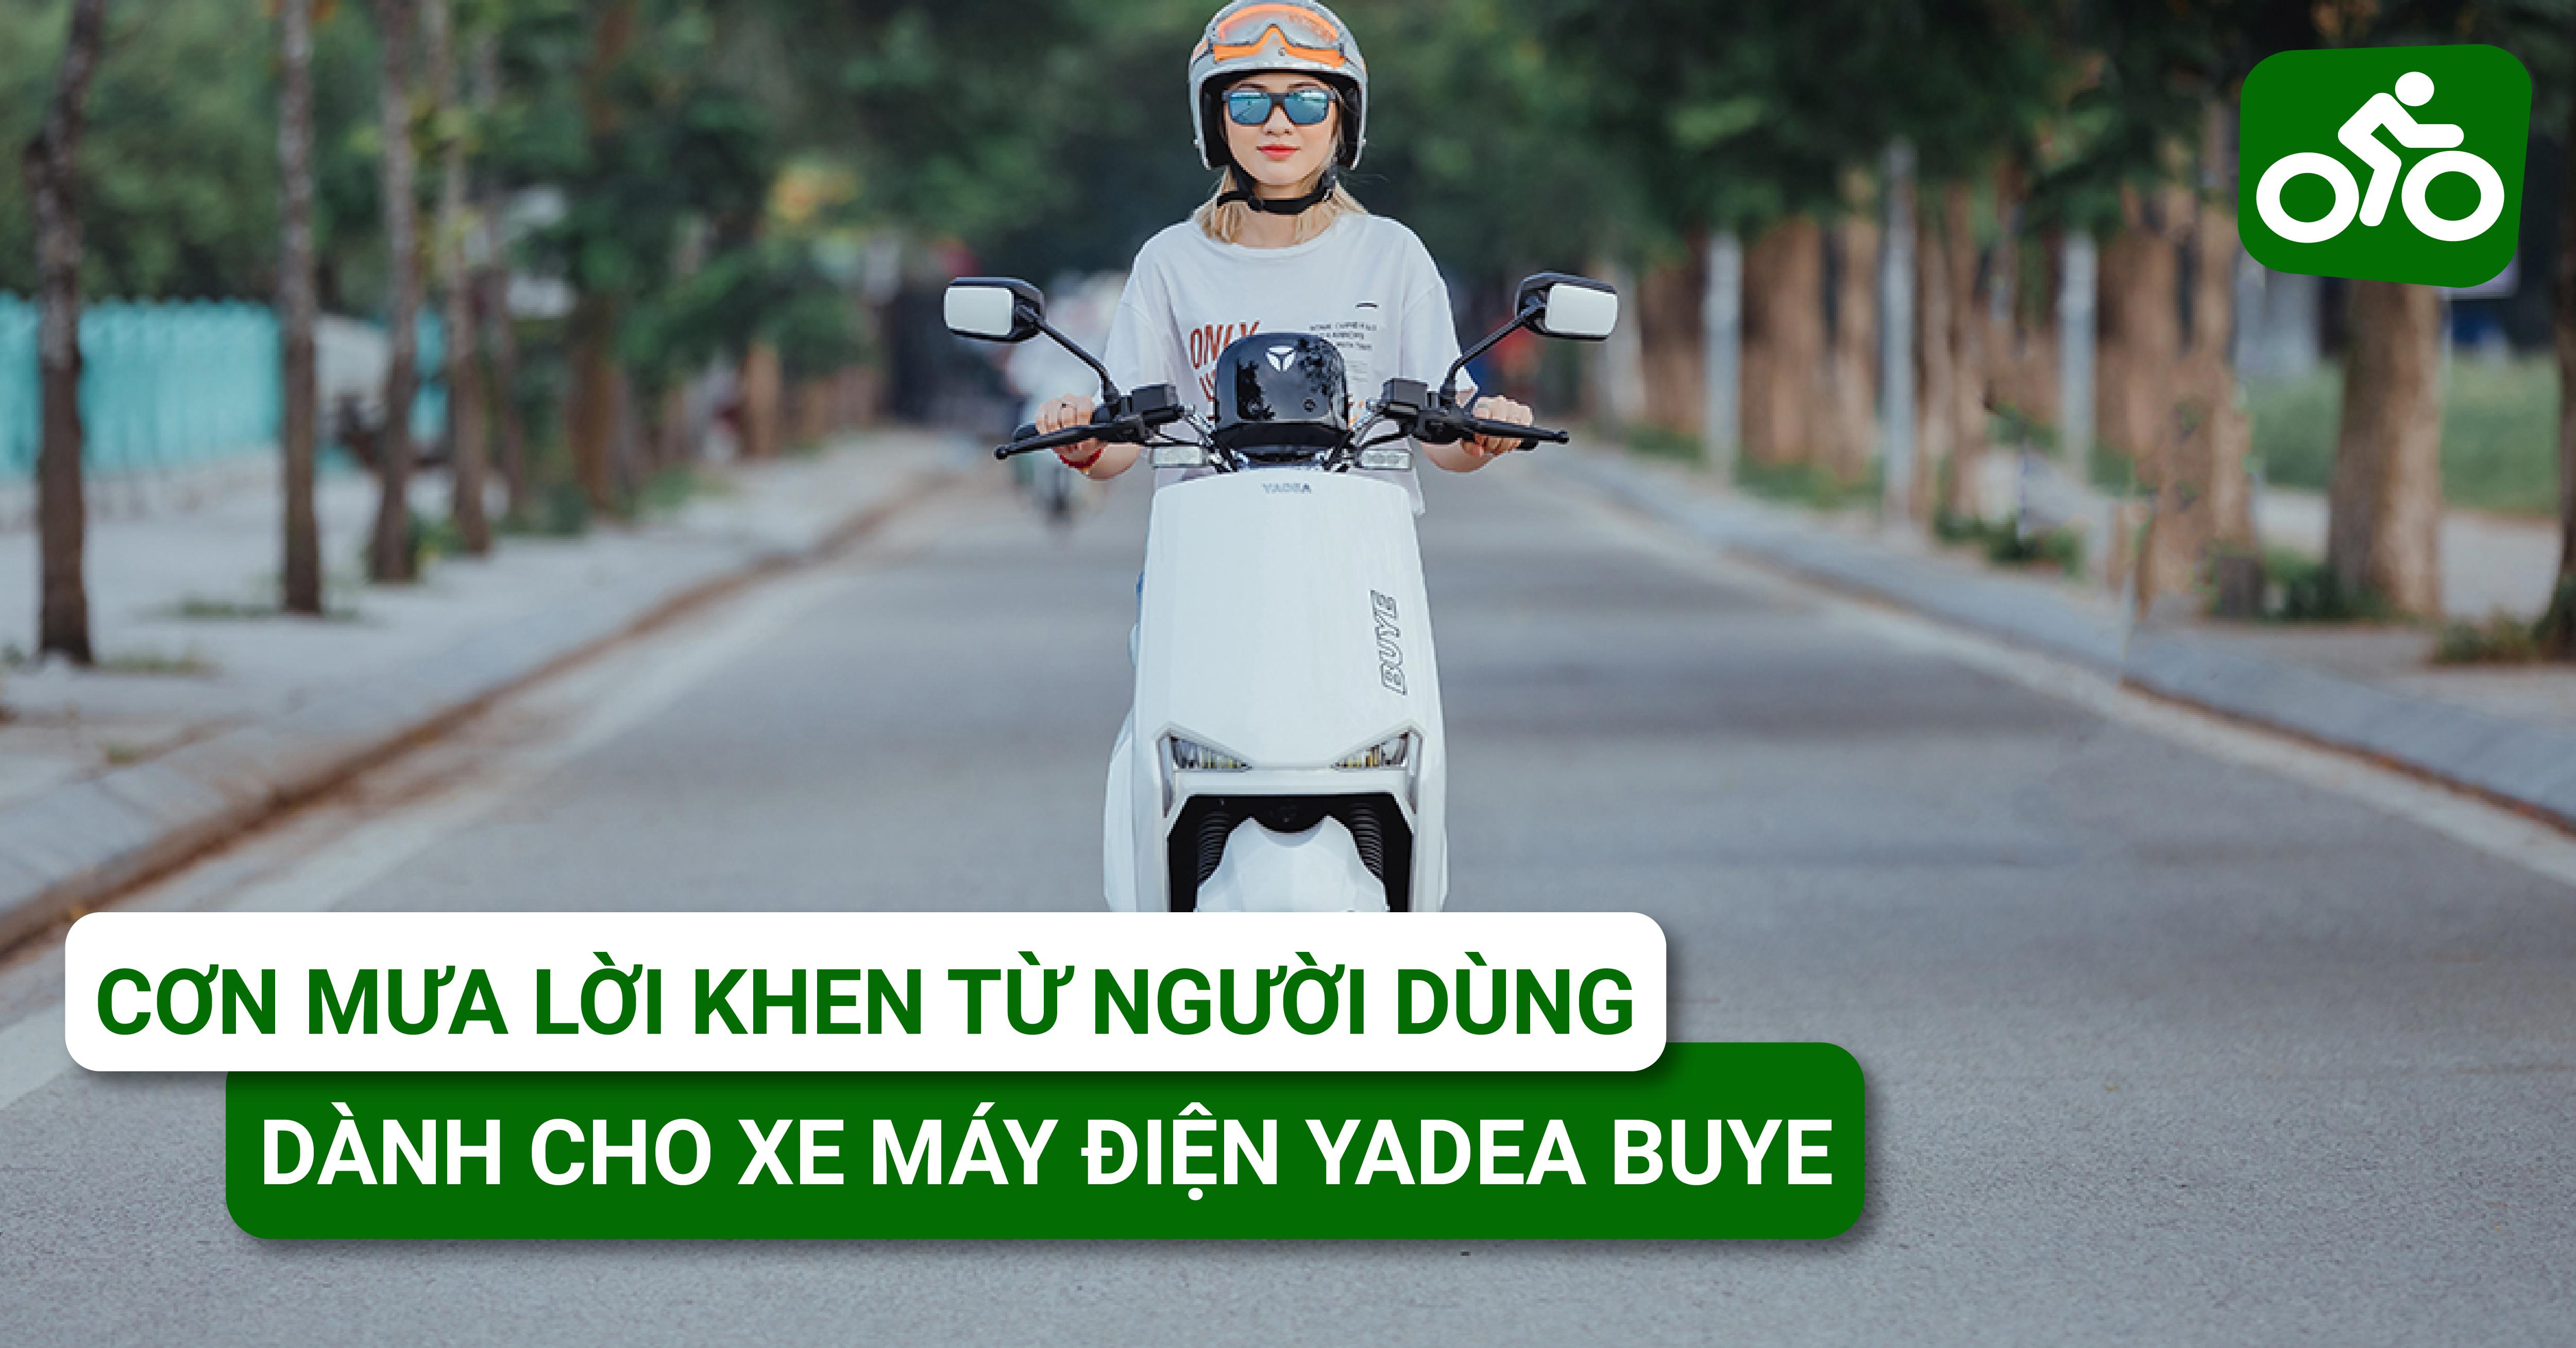 Xe máy điện YADEA BuyE nhận cơn mưa lời khen từ người dùng